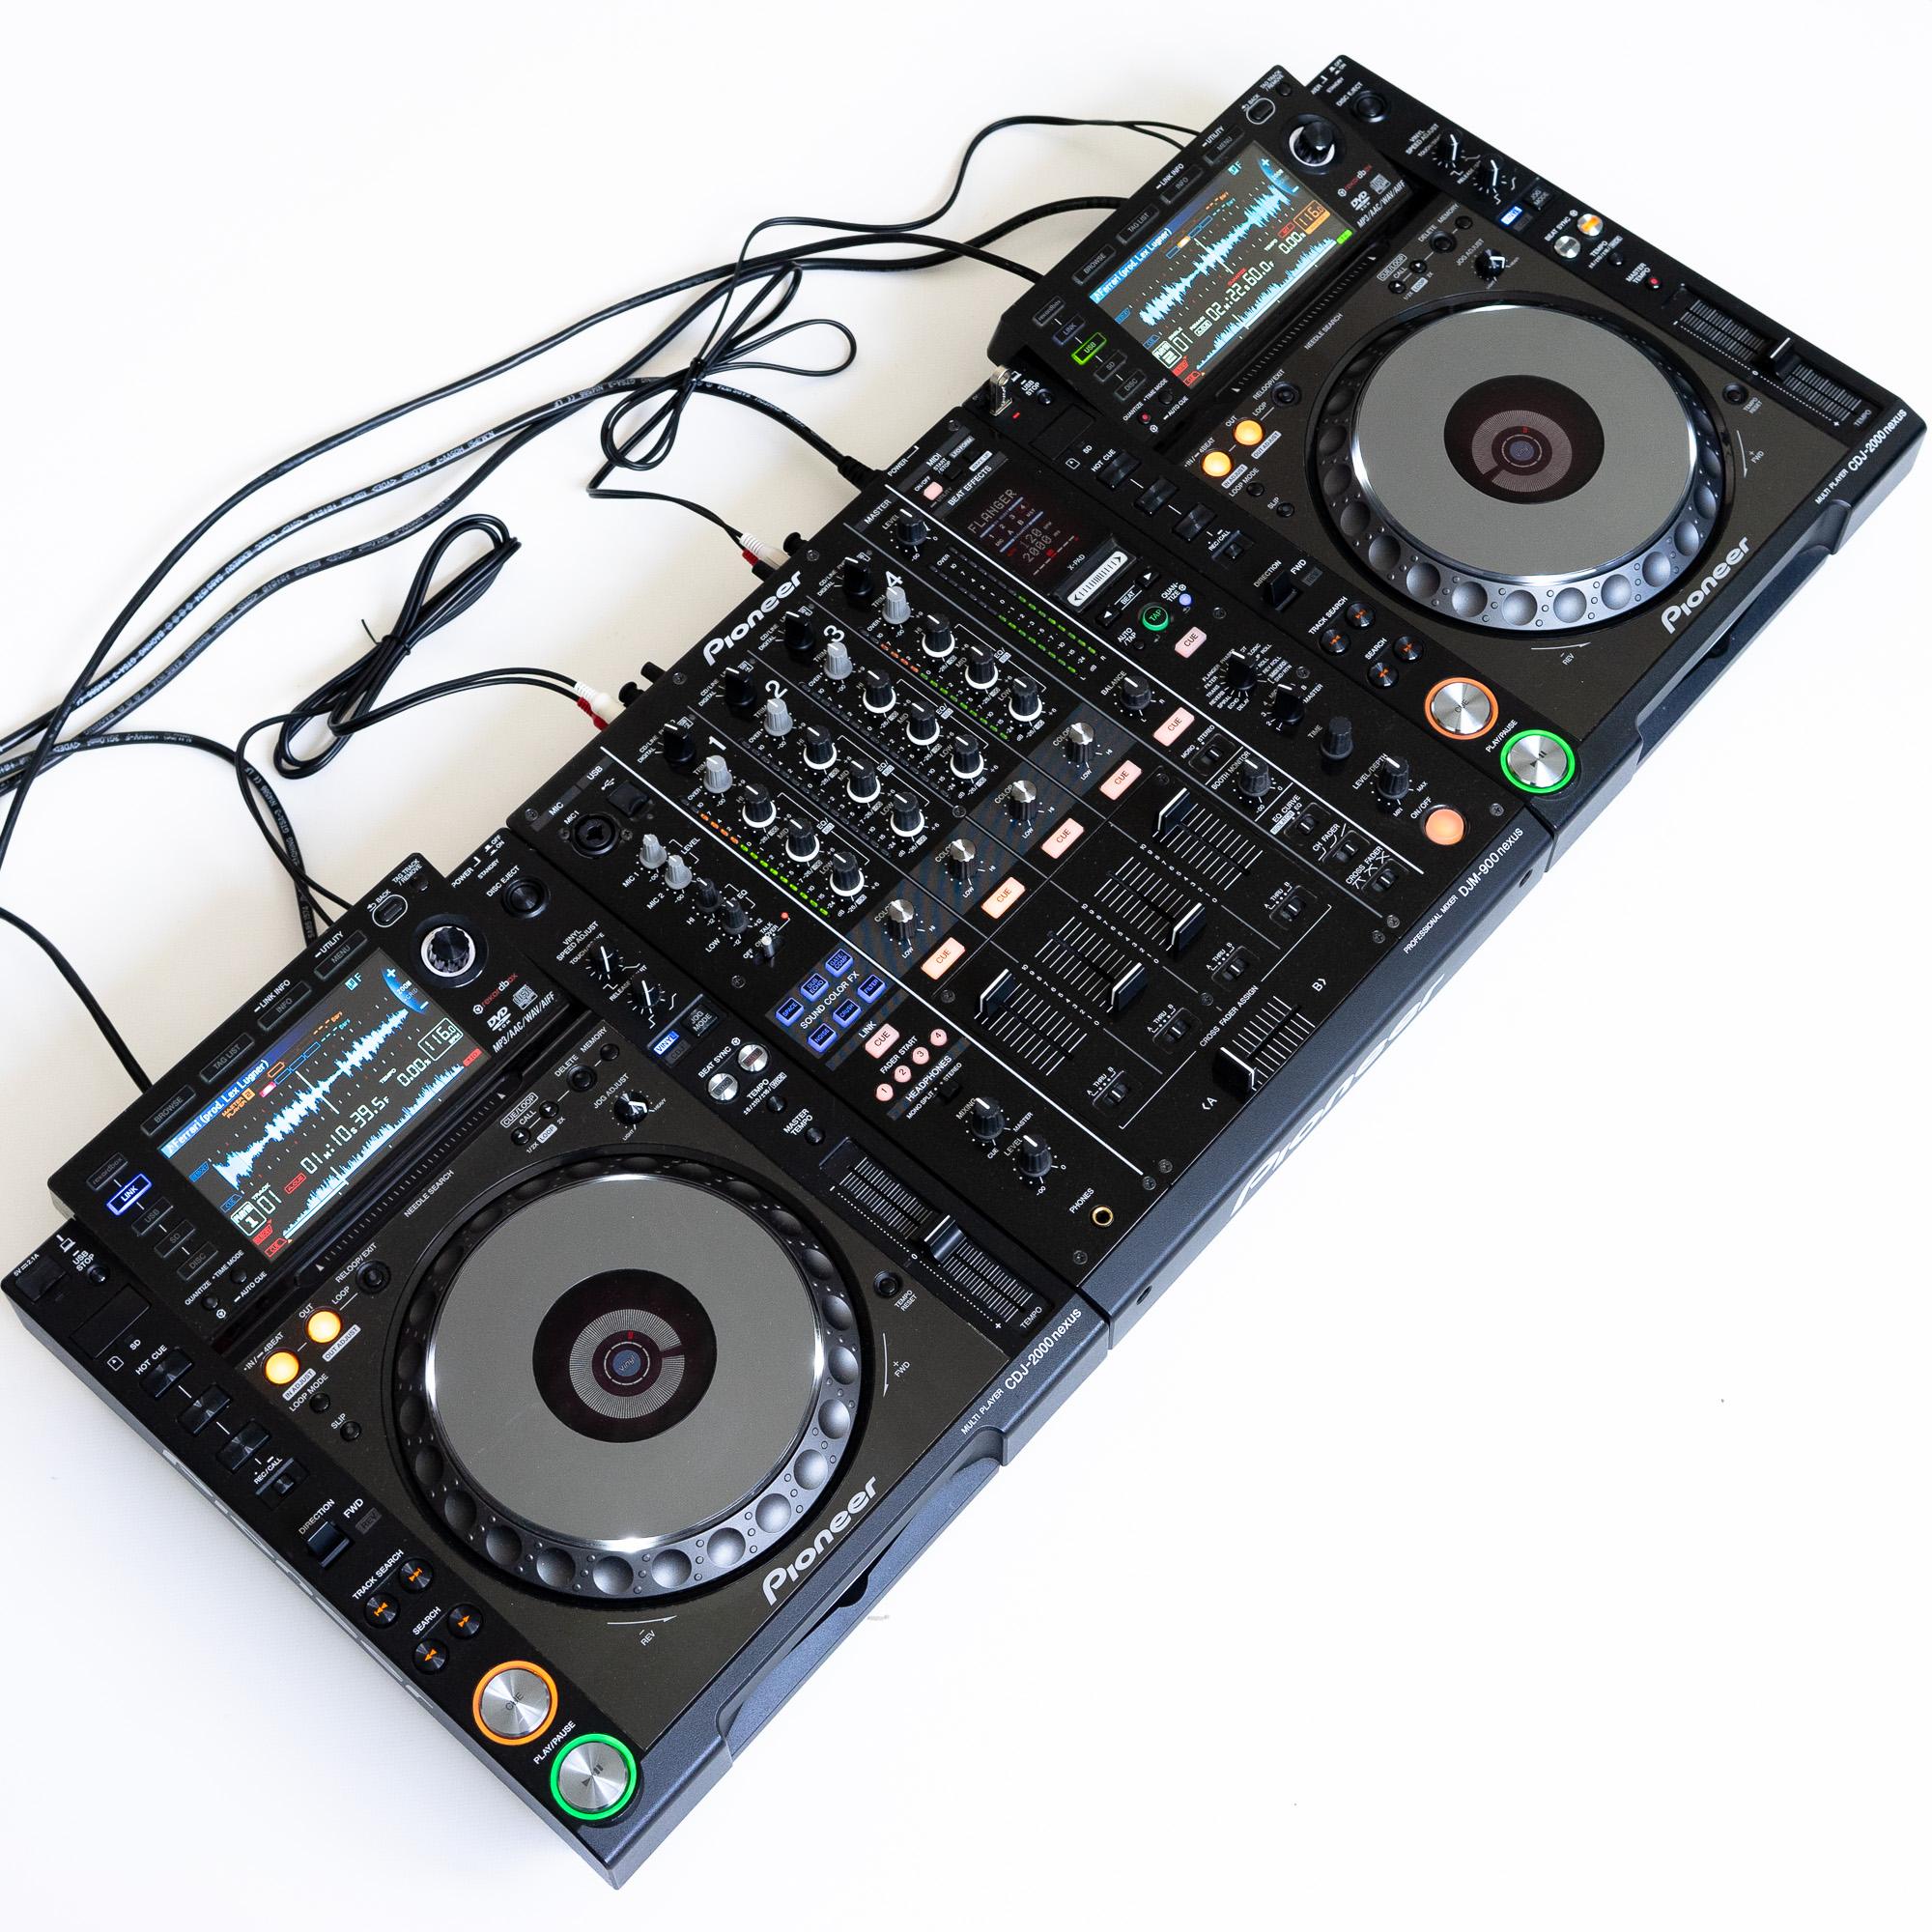 gebraucht kaufen DJ-Set: 2x Pioneer CDJ 2000 NXS Nexus + 1x Pioneer DJM 900 Nexus